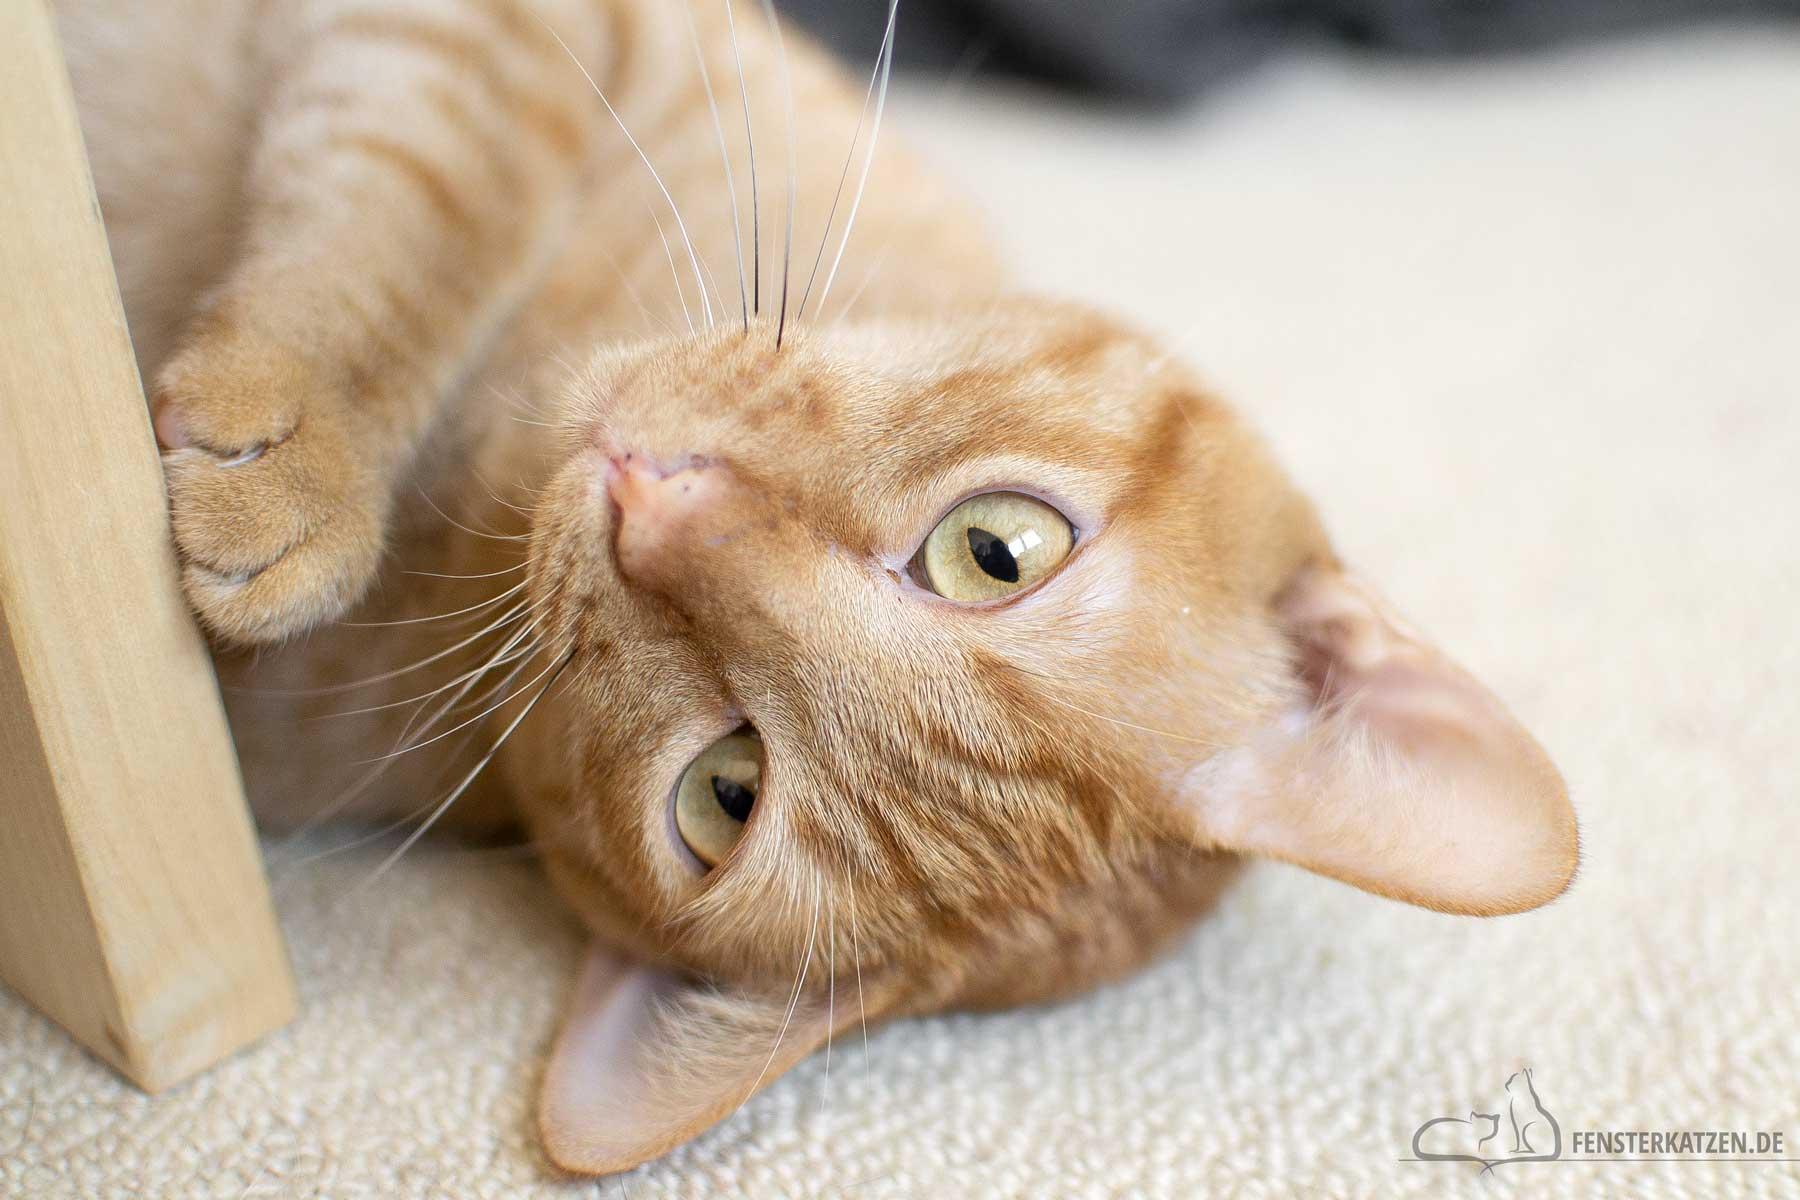 Fensterkatzen-Warum-Kastration-bei-Katzen-wichtig-ist-Titelbild